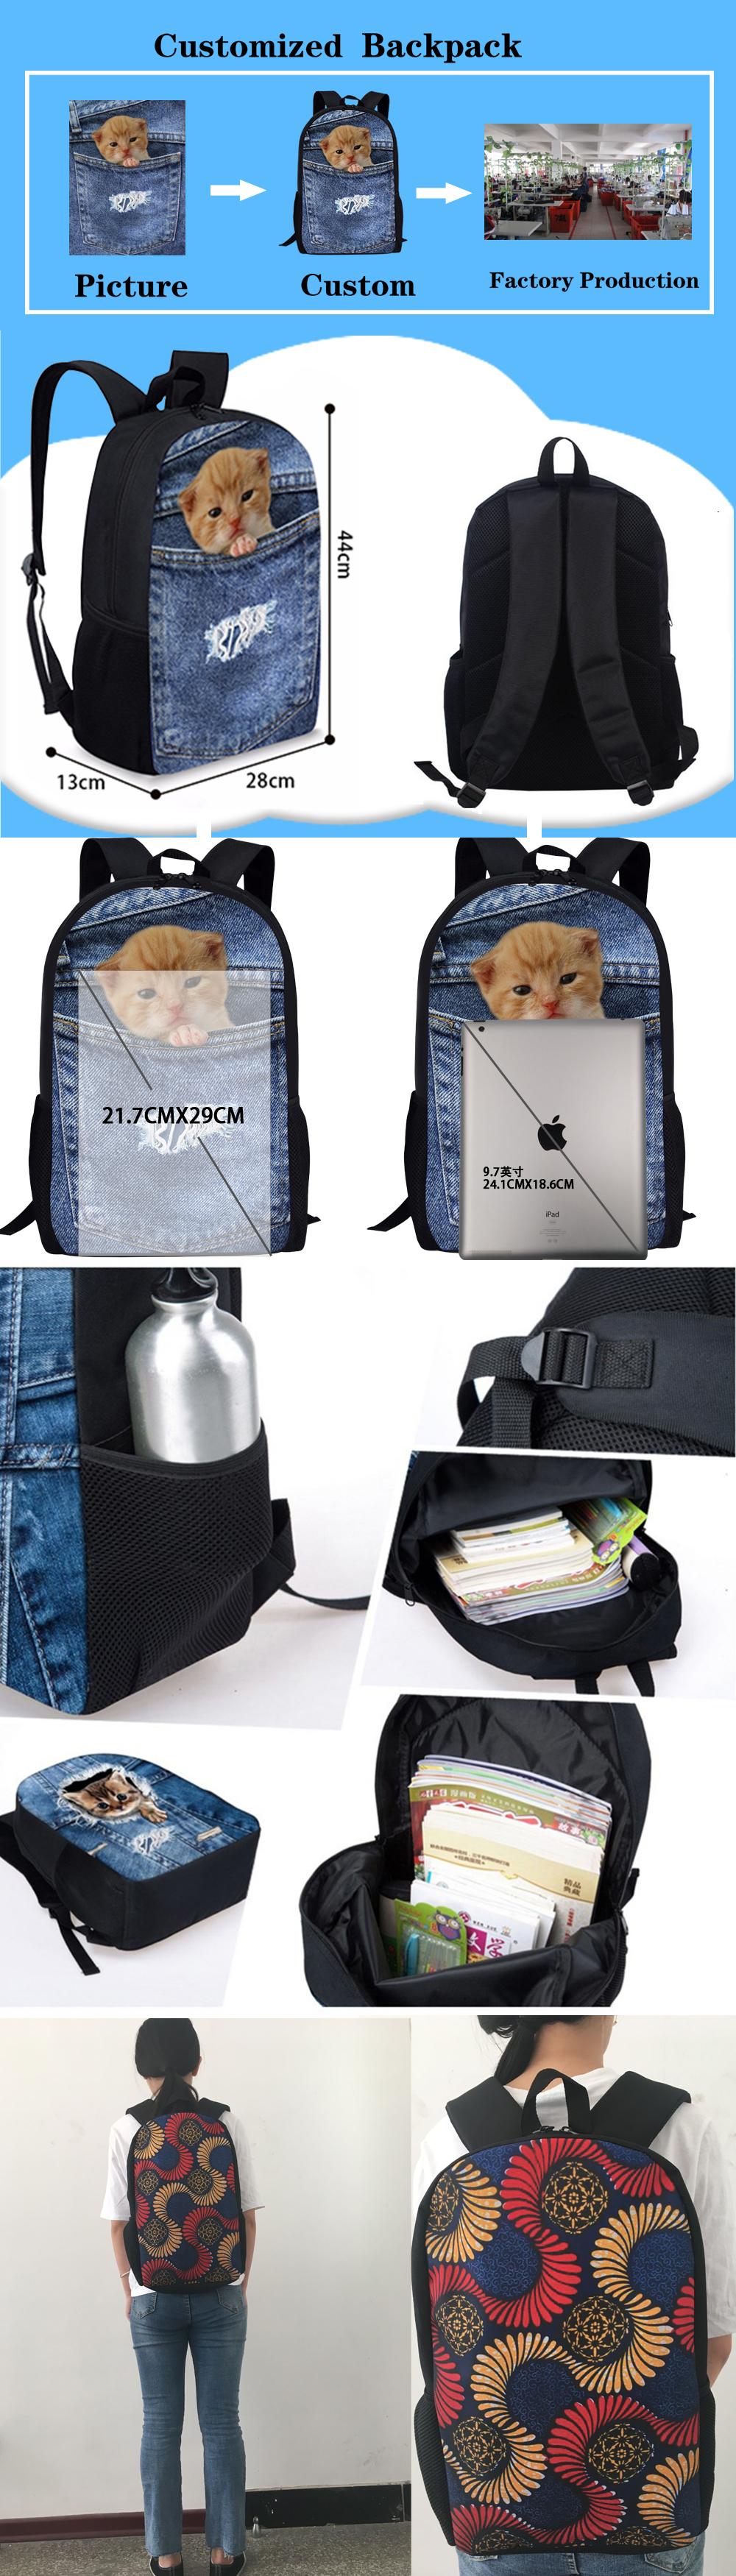 3 pçs/set Primária Schoolbag Sacos de Livro Meninos Legal 3D Animal Lobo Impressão Mochila Estudante Escola Bags para Crianças Mochila